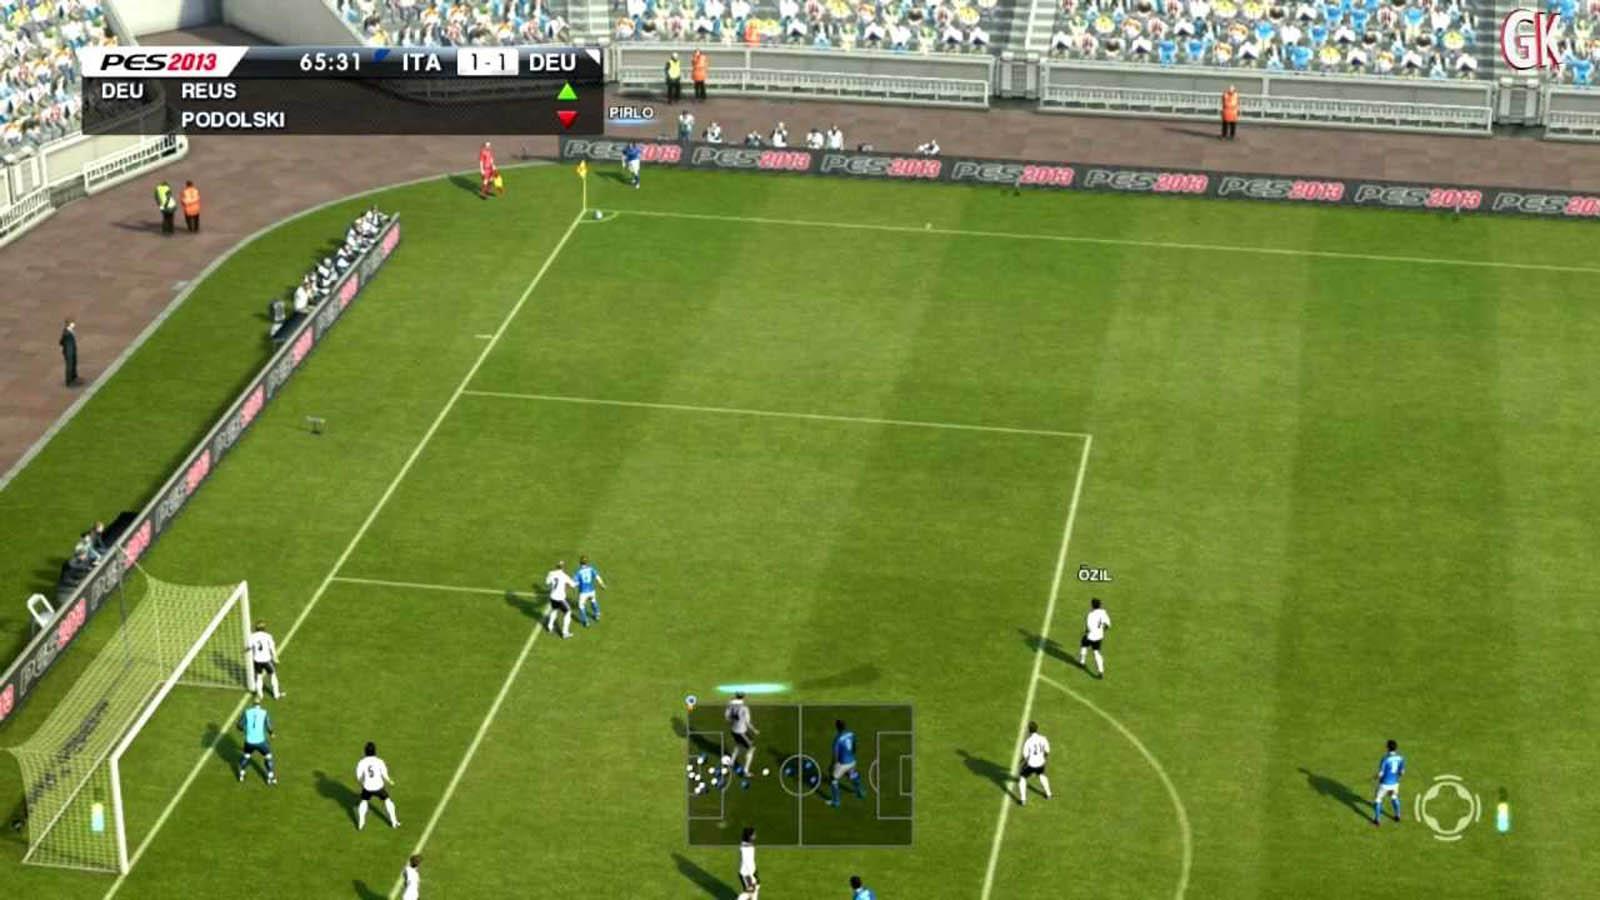 تحميل لعبة PES 2013 مضغوطة برابط واحد مباشر + تورنت كاملة مجانا